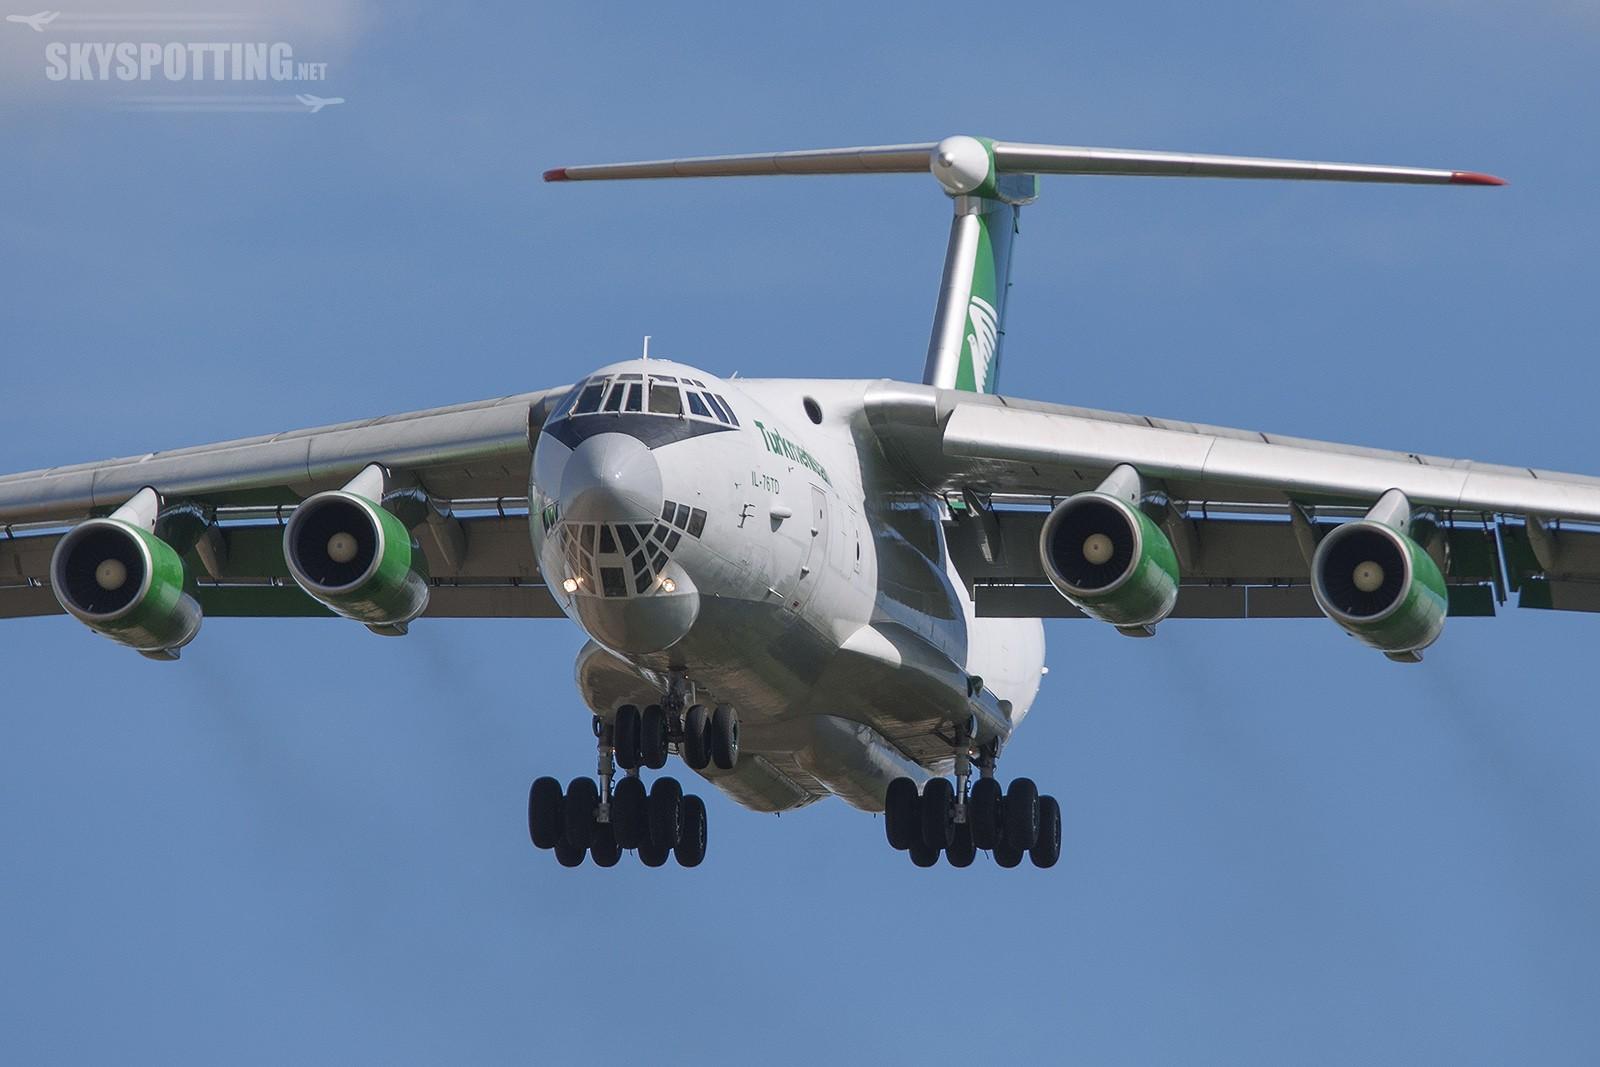 Turkmenistan Airlines – Ilyushin IL-76TD